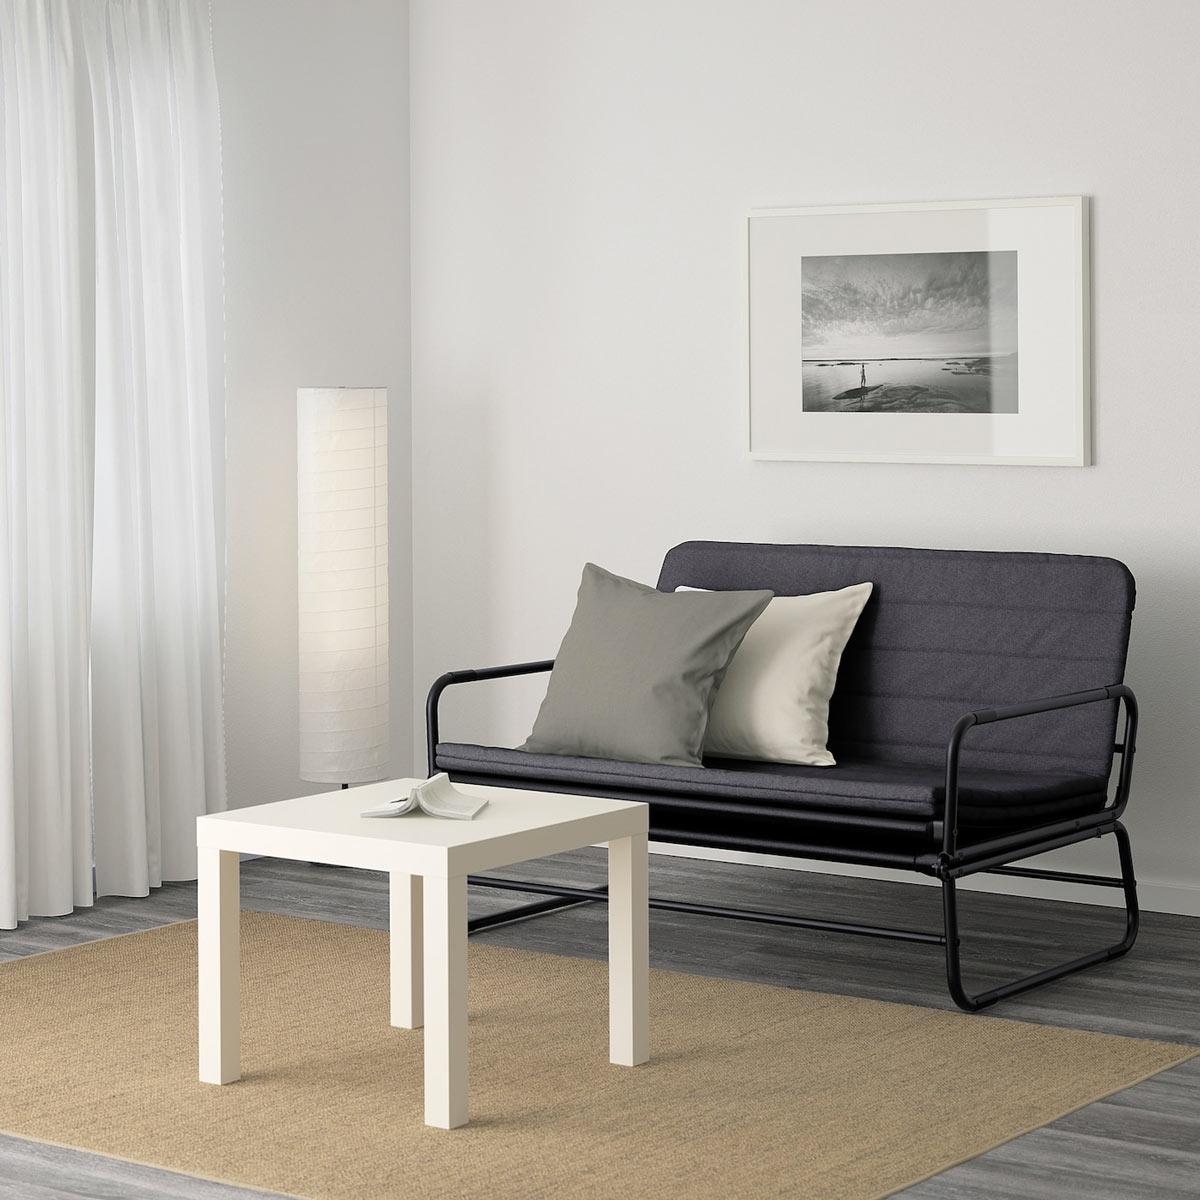 HAMMARN è il divano letto catalogo IKEA primavera